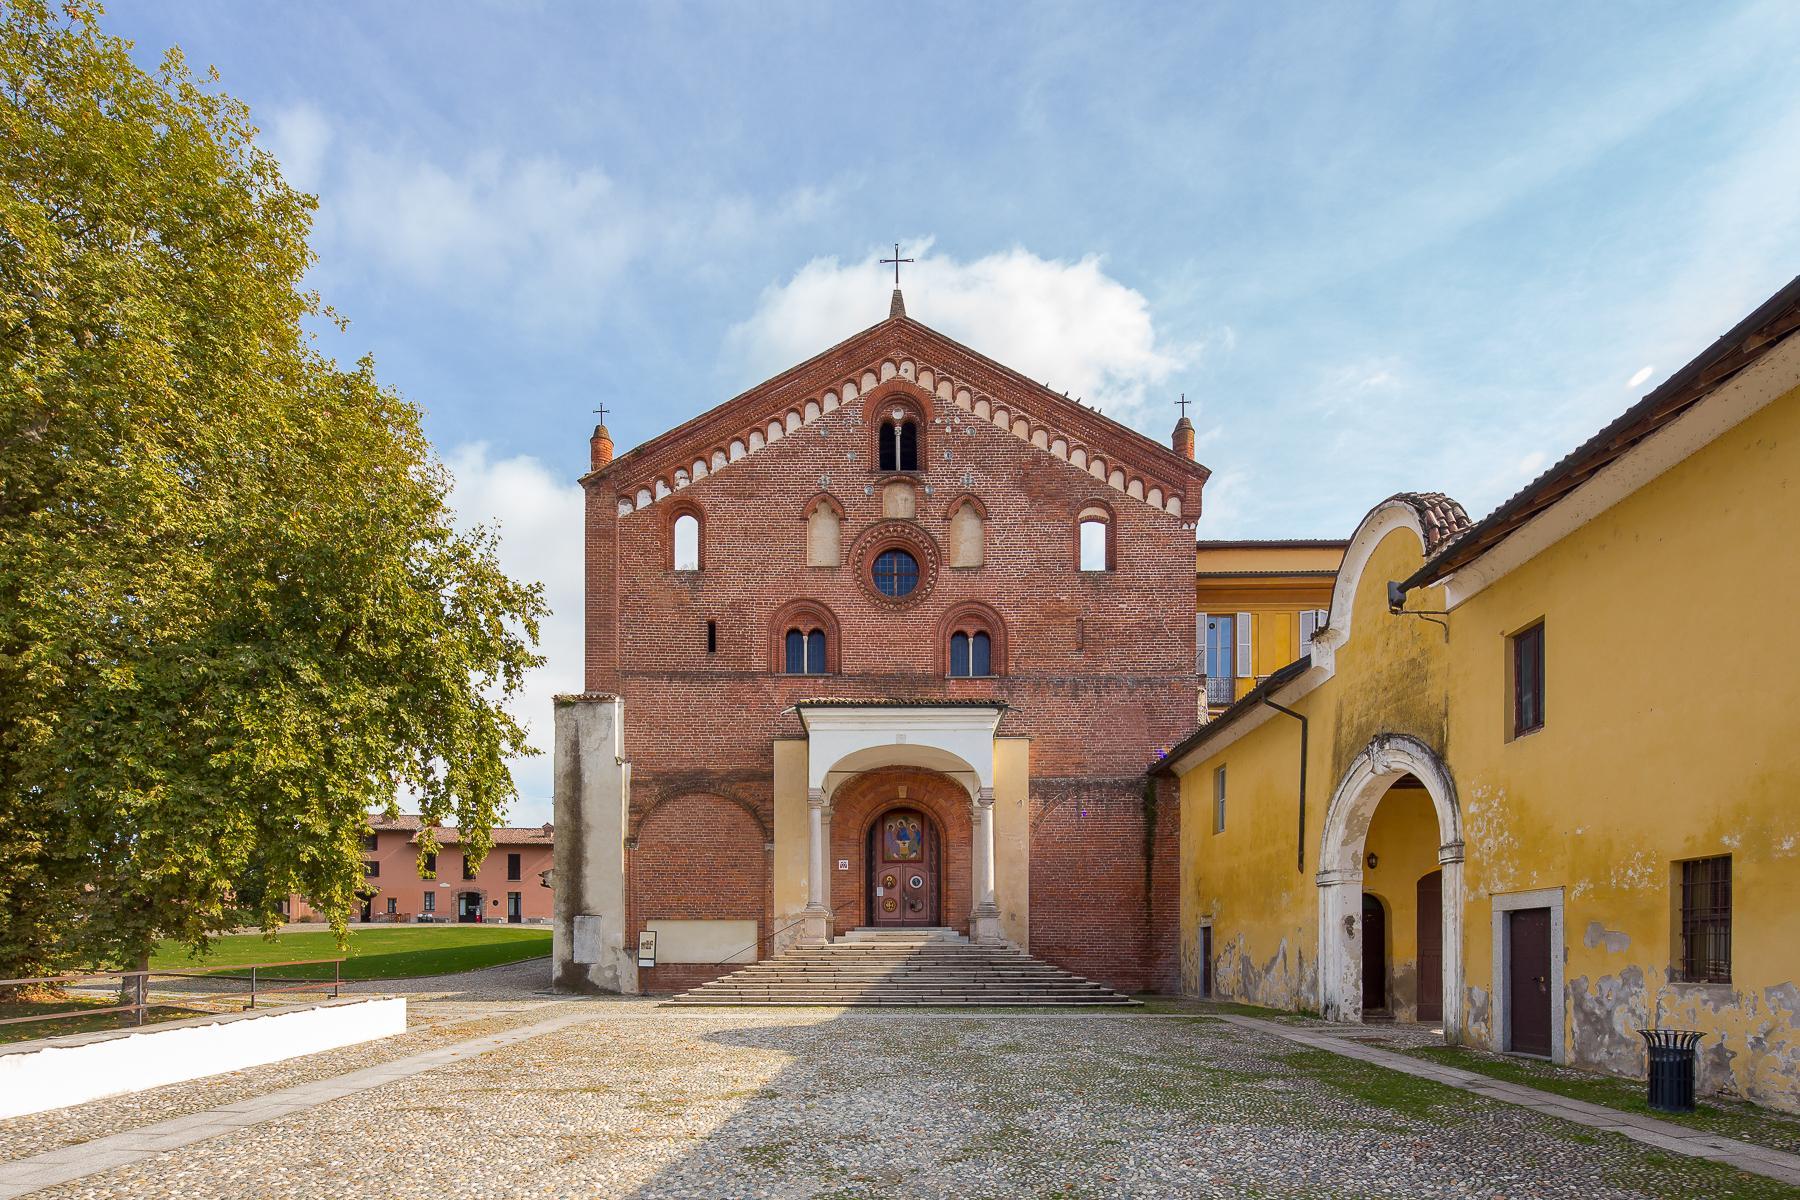 Storica chiesa sconsacrata, adibita ad abitazione, con giardino - 36